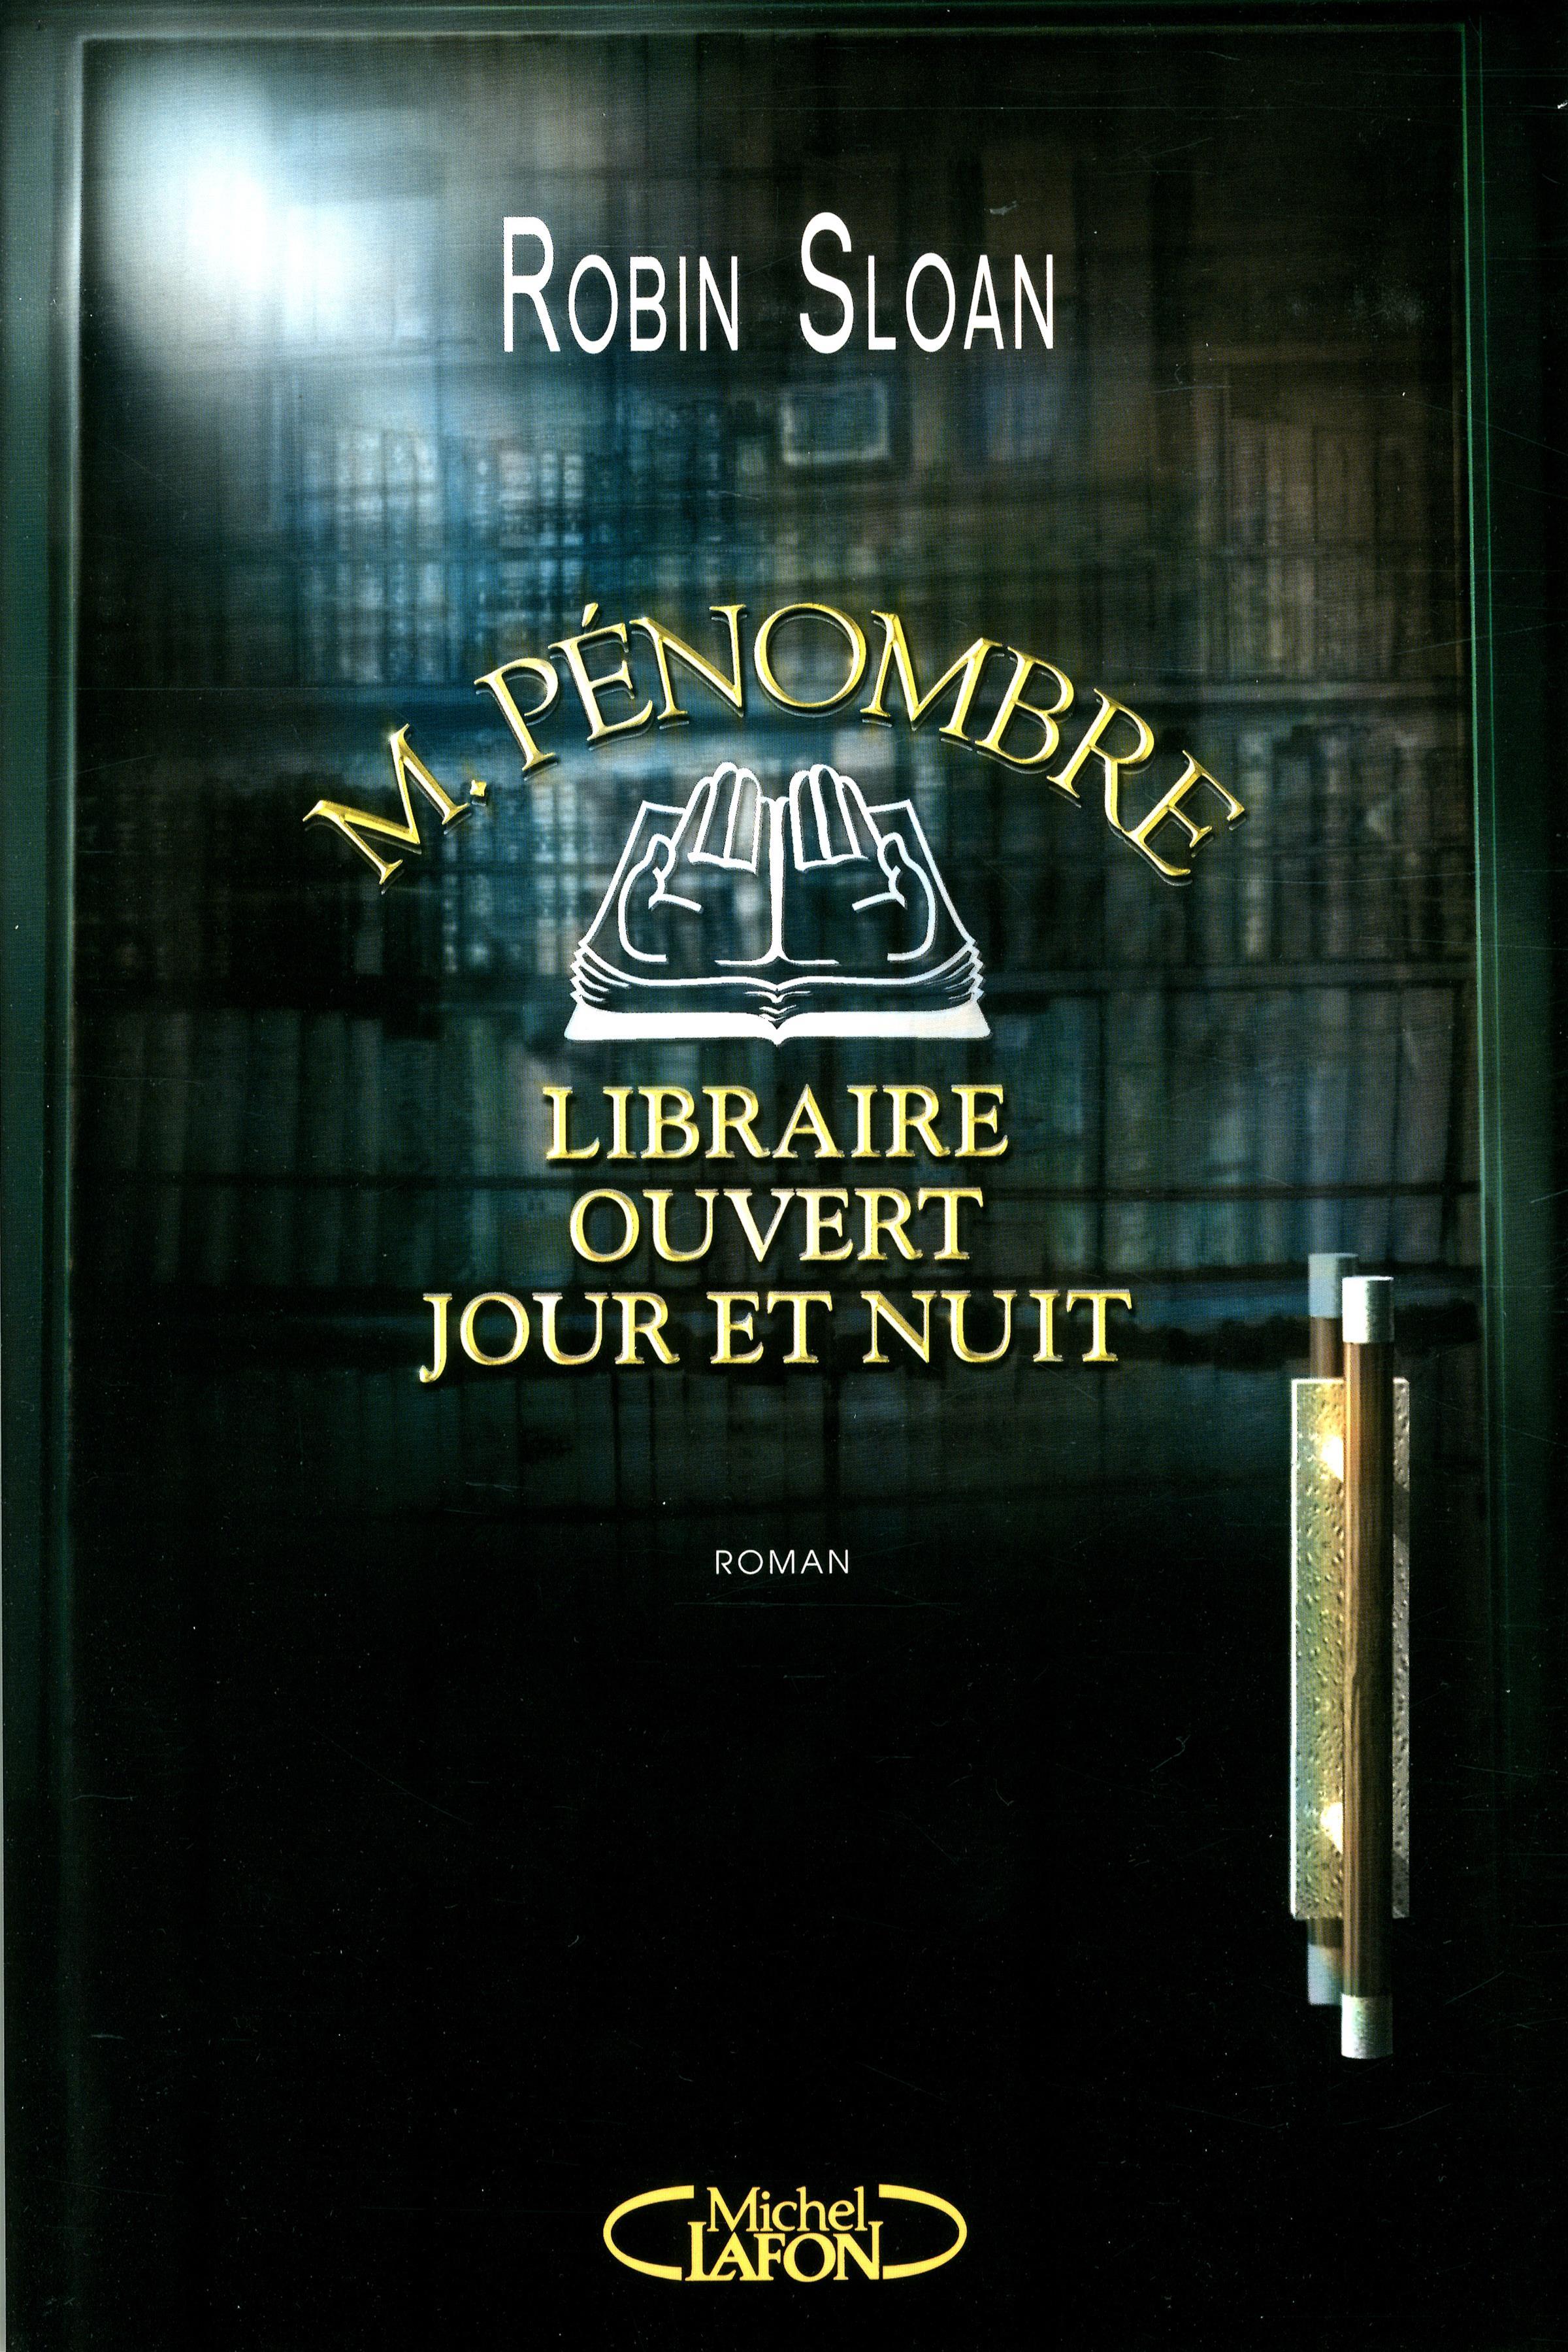 M. Pénombre, libraire ouvert jour et nuit